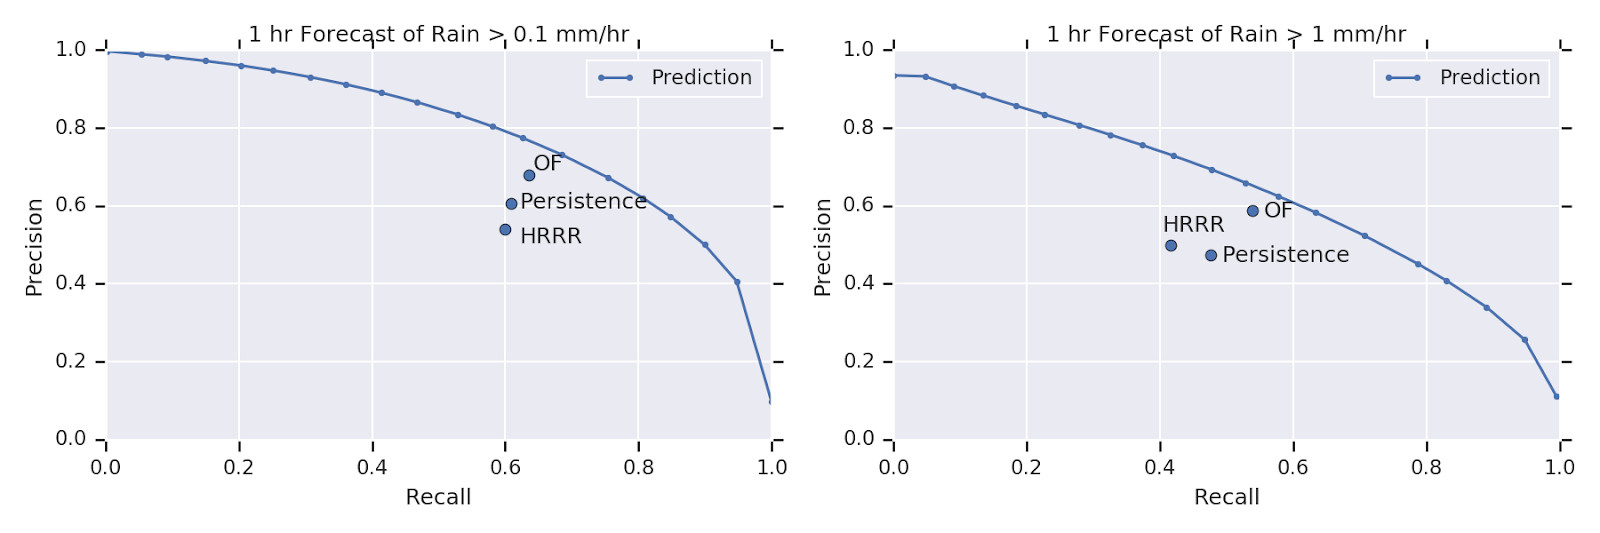 Mô hình Google AI vượt trội so với các phương pháp dự báo thời tiết truyền thống 2